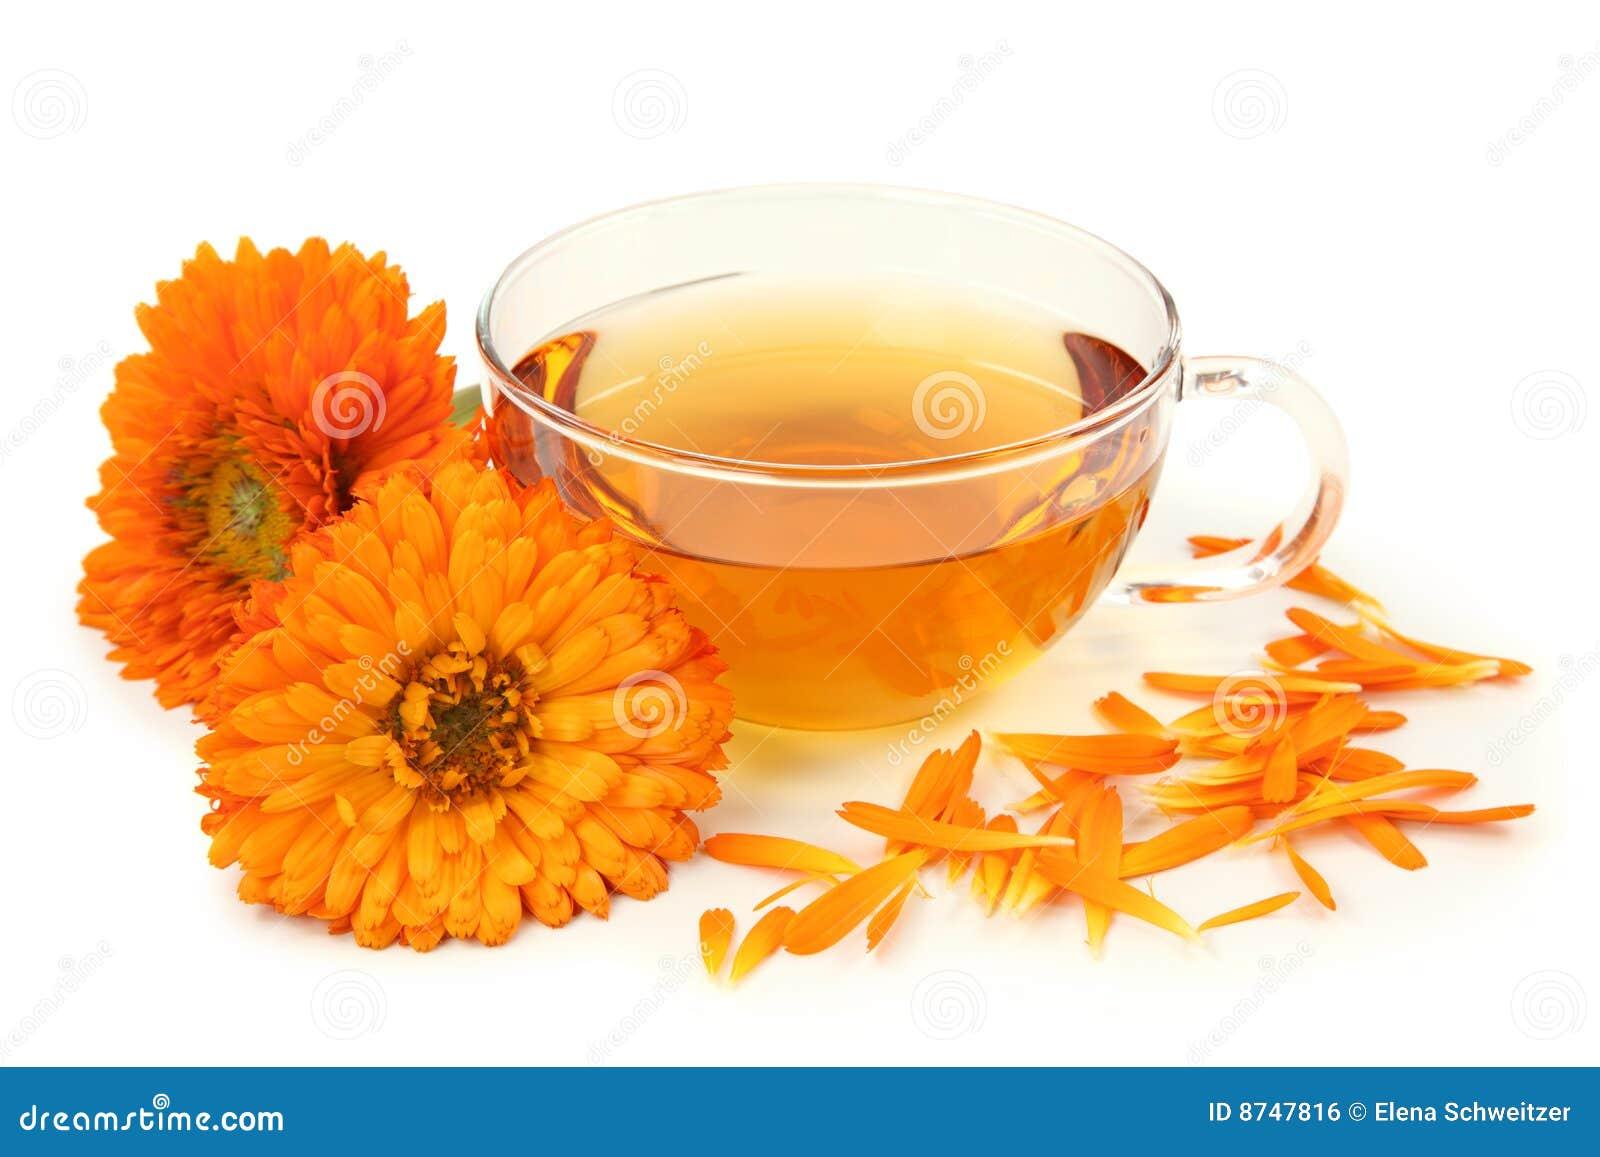 金盏草清凉茶